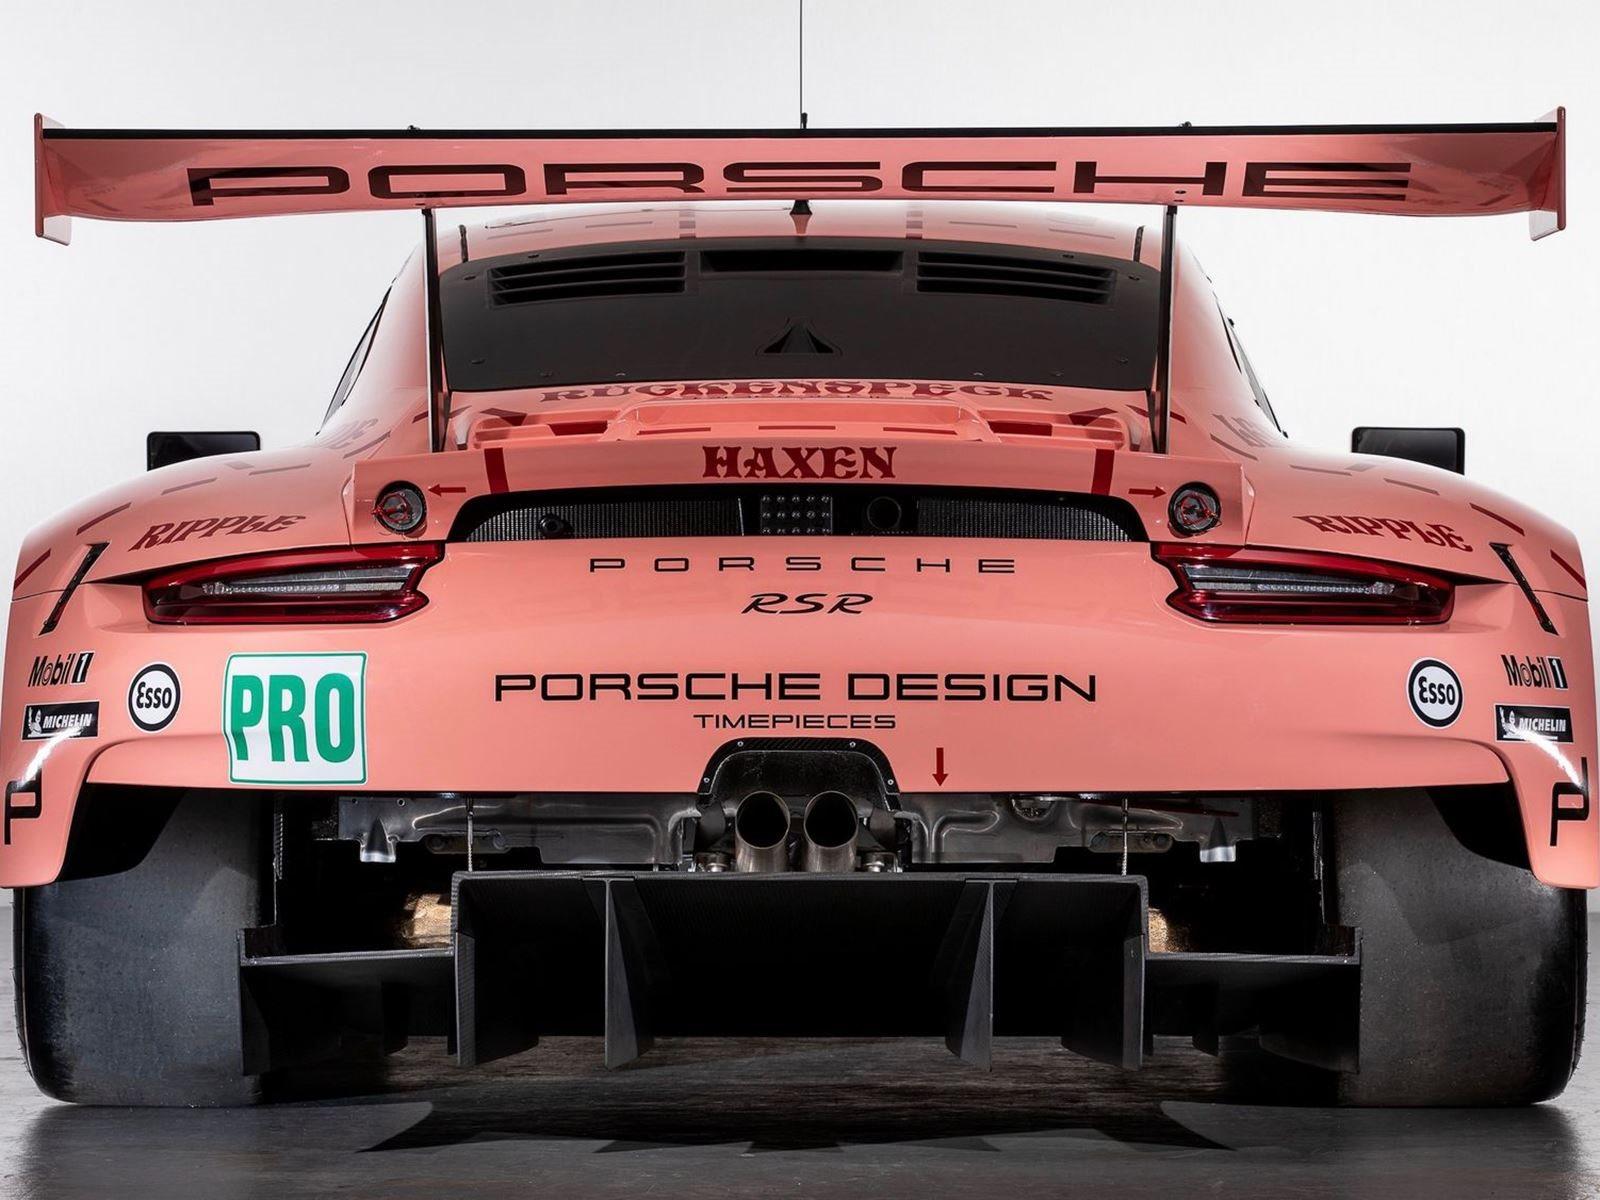 Оригинальный автомобиль считался уродливым, но был разработан максимально, насколько это возможно, аэродинамически эффективным. Люди помнят 917/20 благодаря его розовой ливрее с фрагментами свинины, обозначенными на кузове. Оригинальный розовый автом